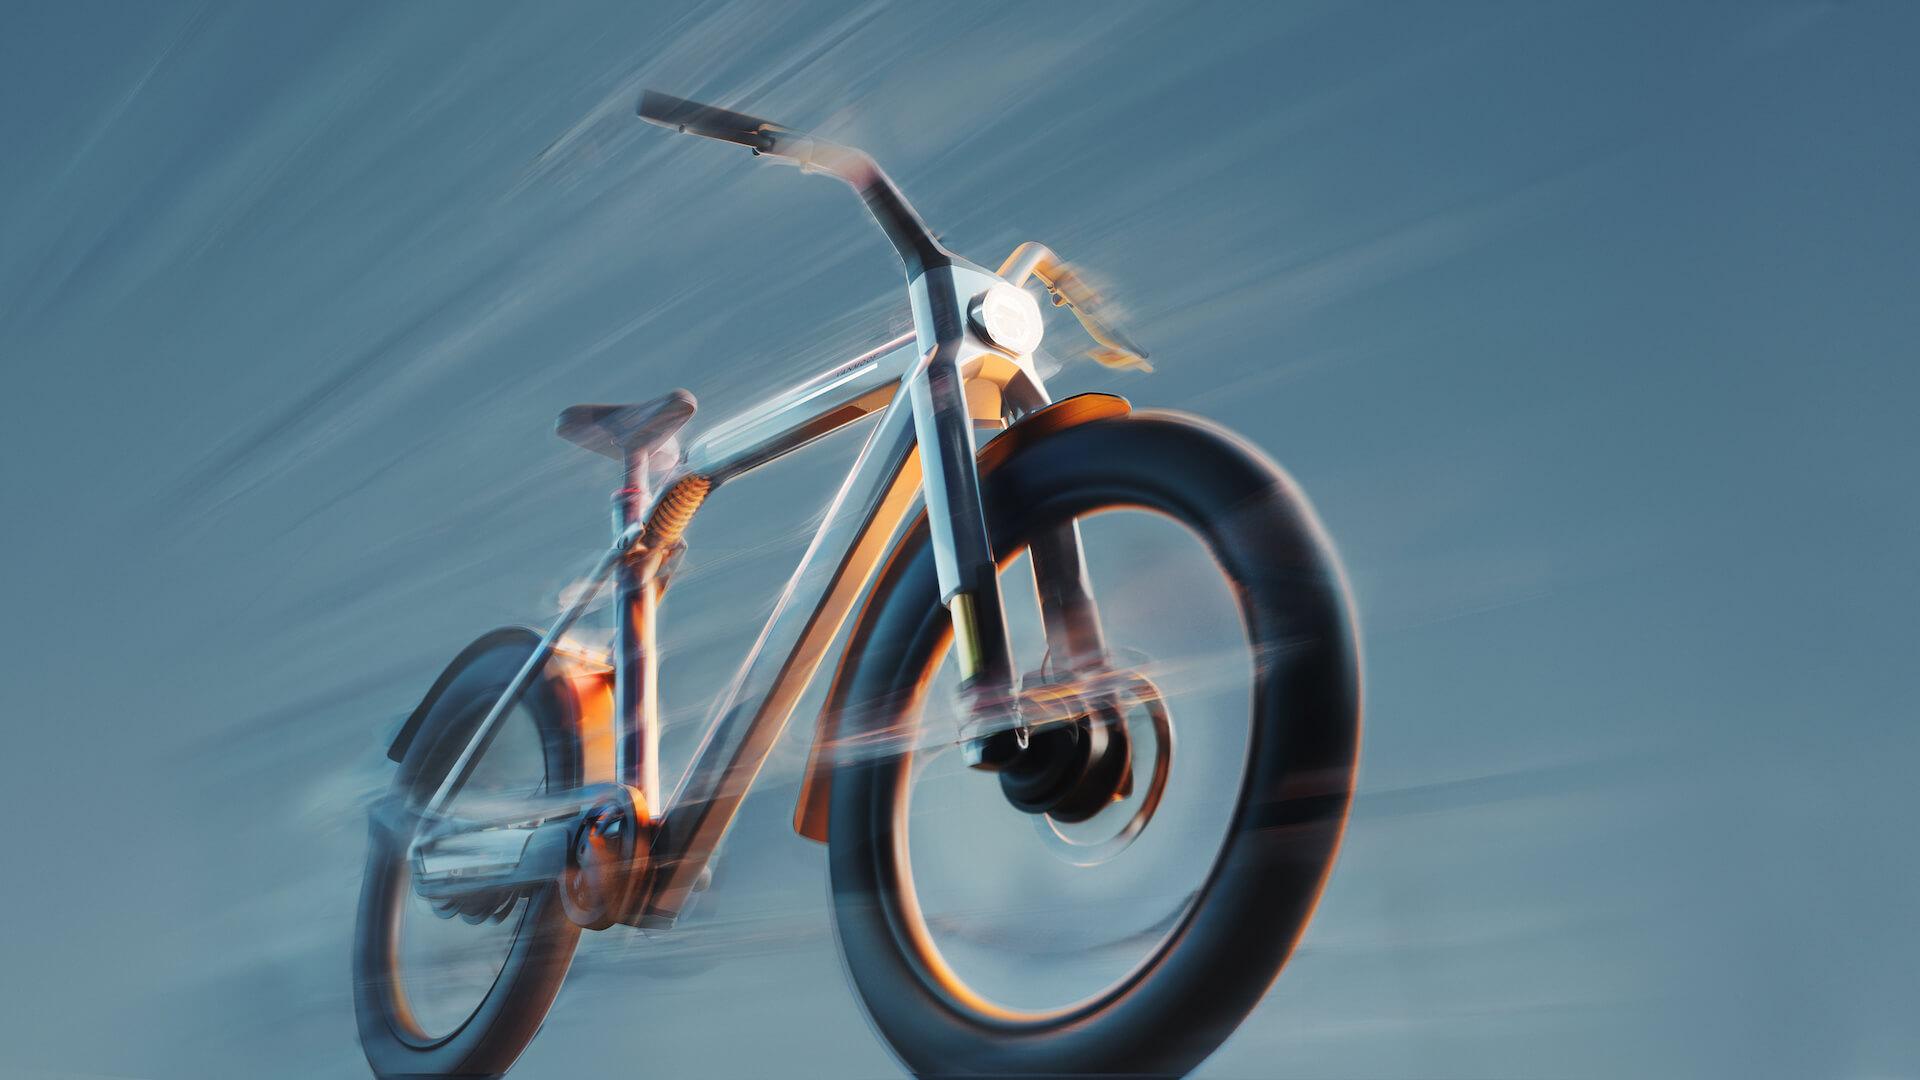 最大時速50kmを誇るハイスピードE-バイク「VanMoof V」が発売決定!2輪駆動を採用 tech211013_vanmoof_1